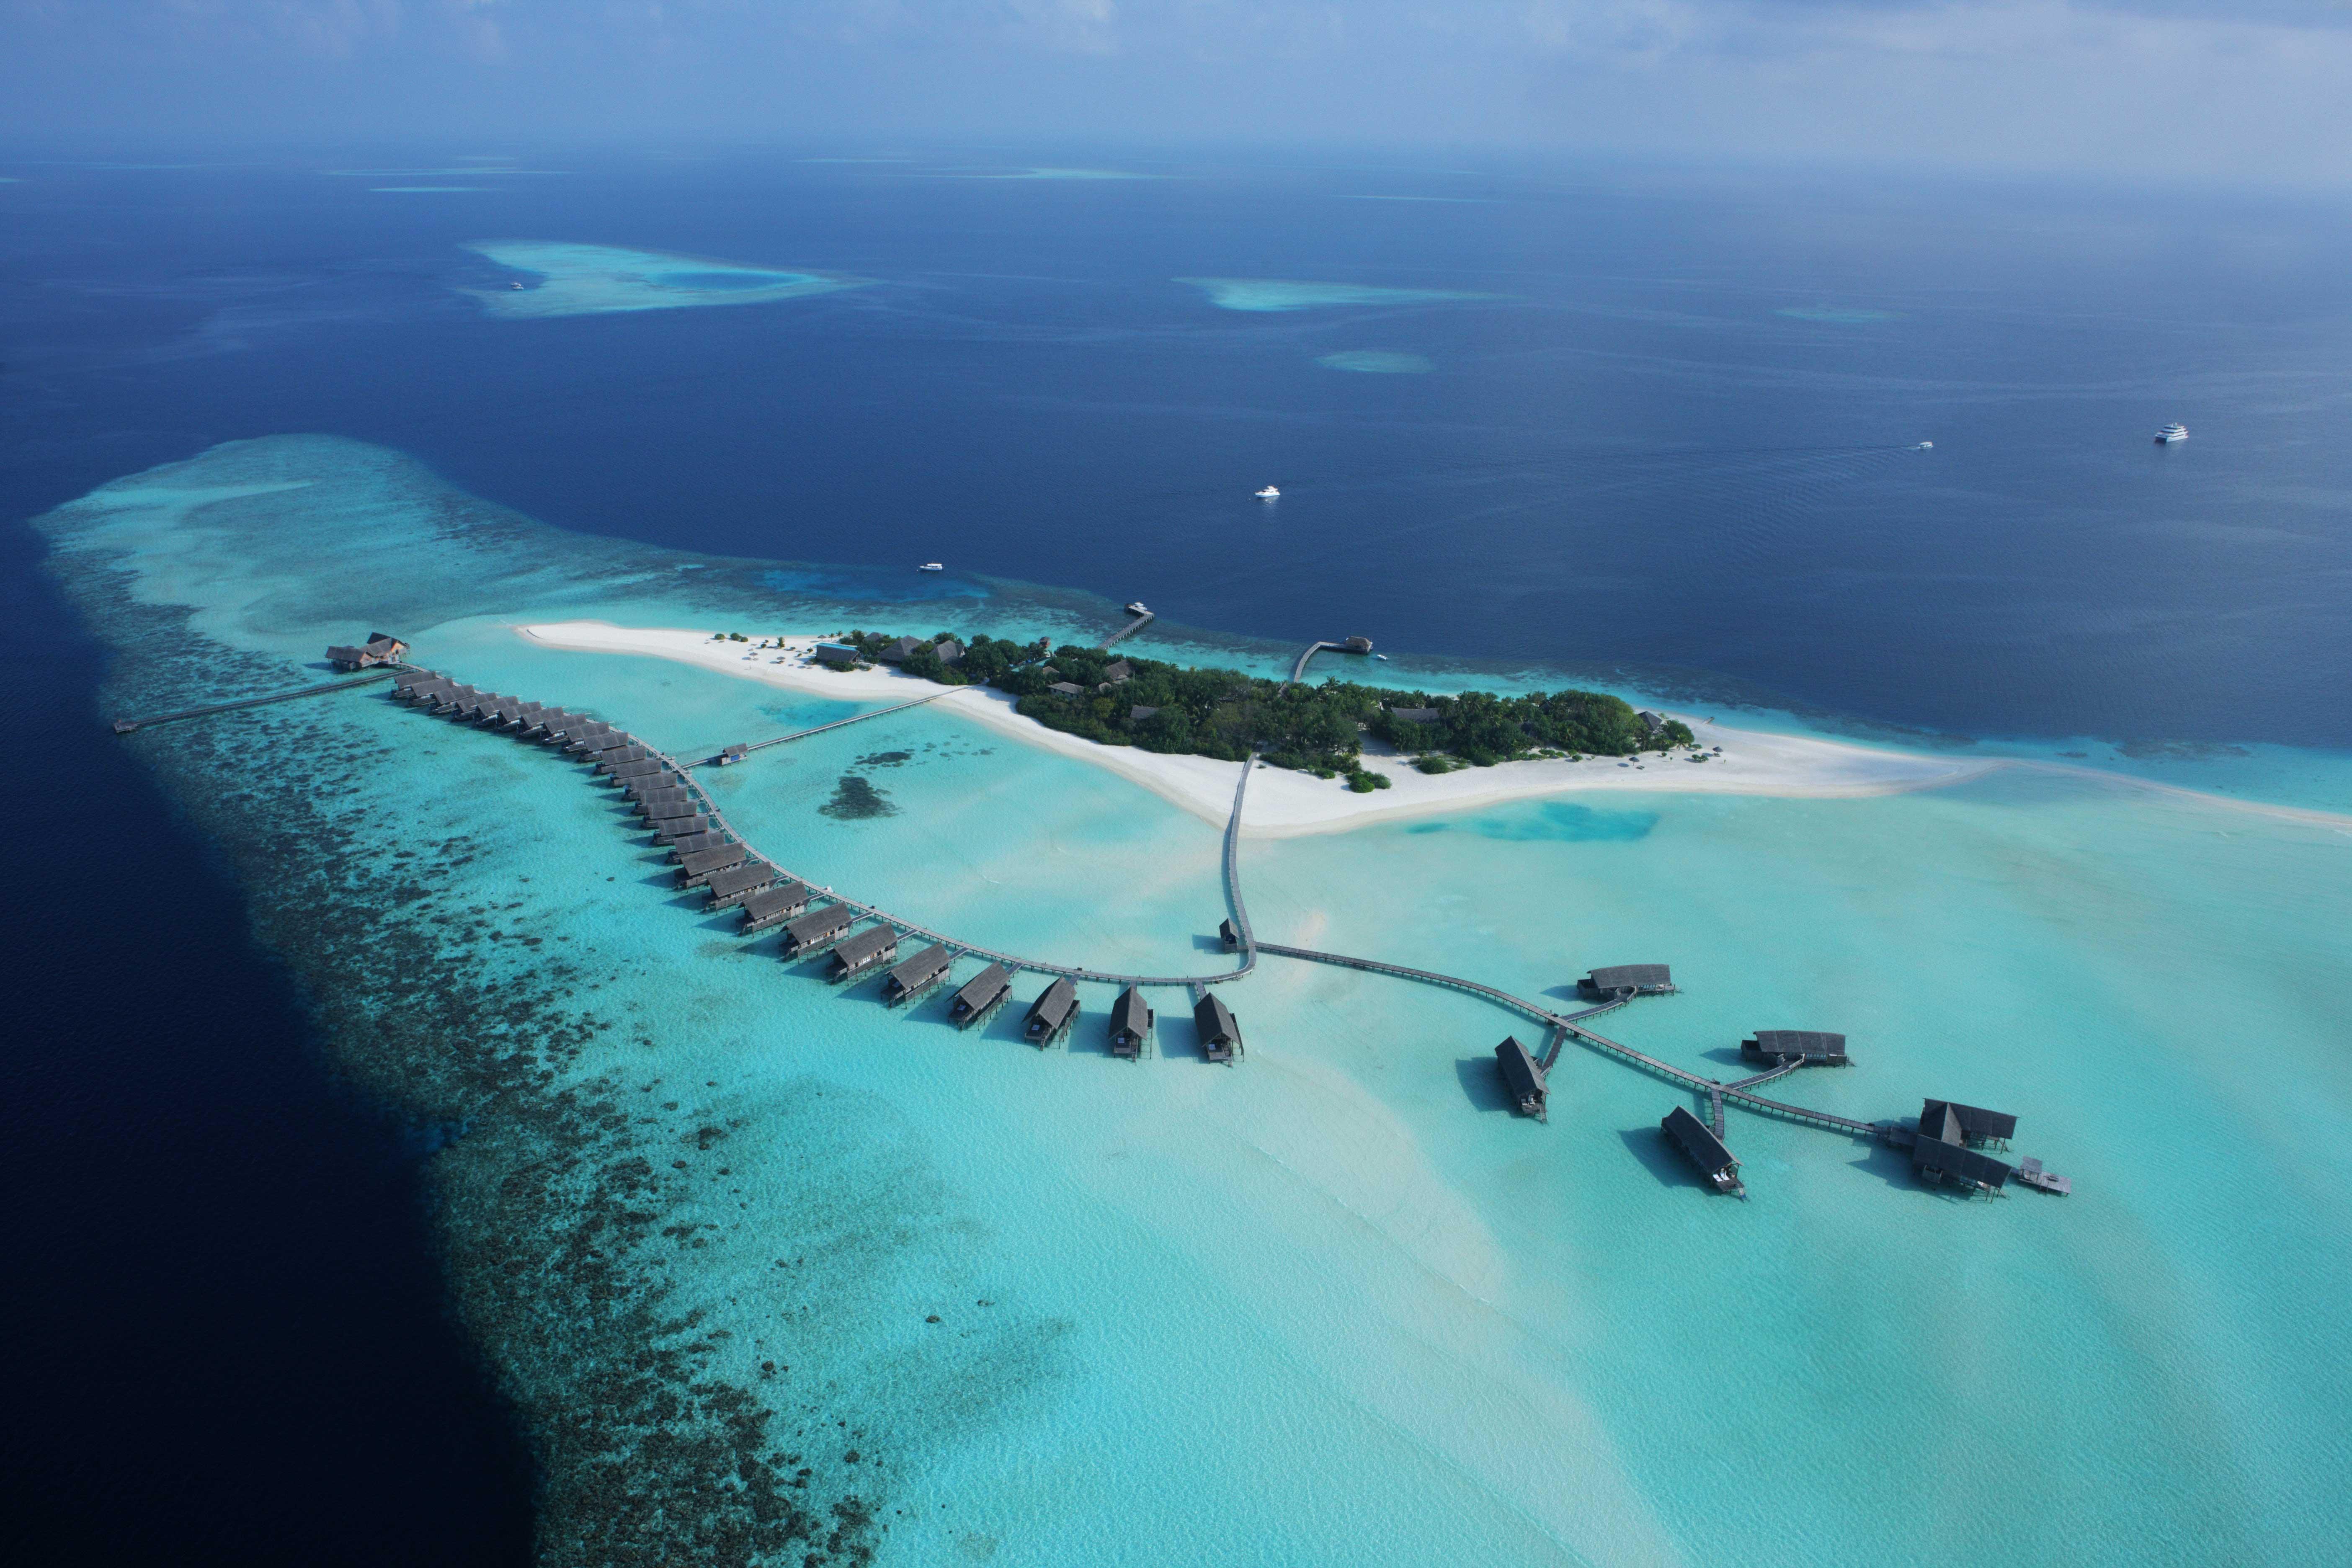 Maldive sicure? Le 10 domande più frequenti dei viaggiatori ...